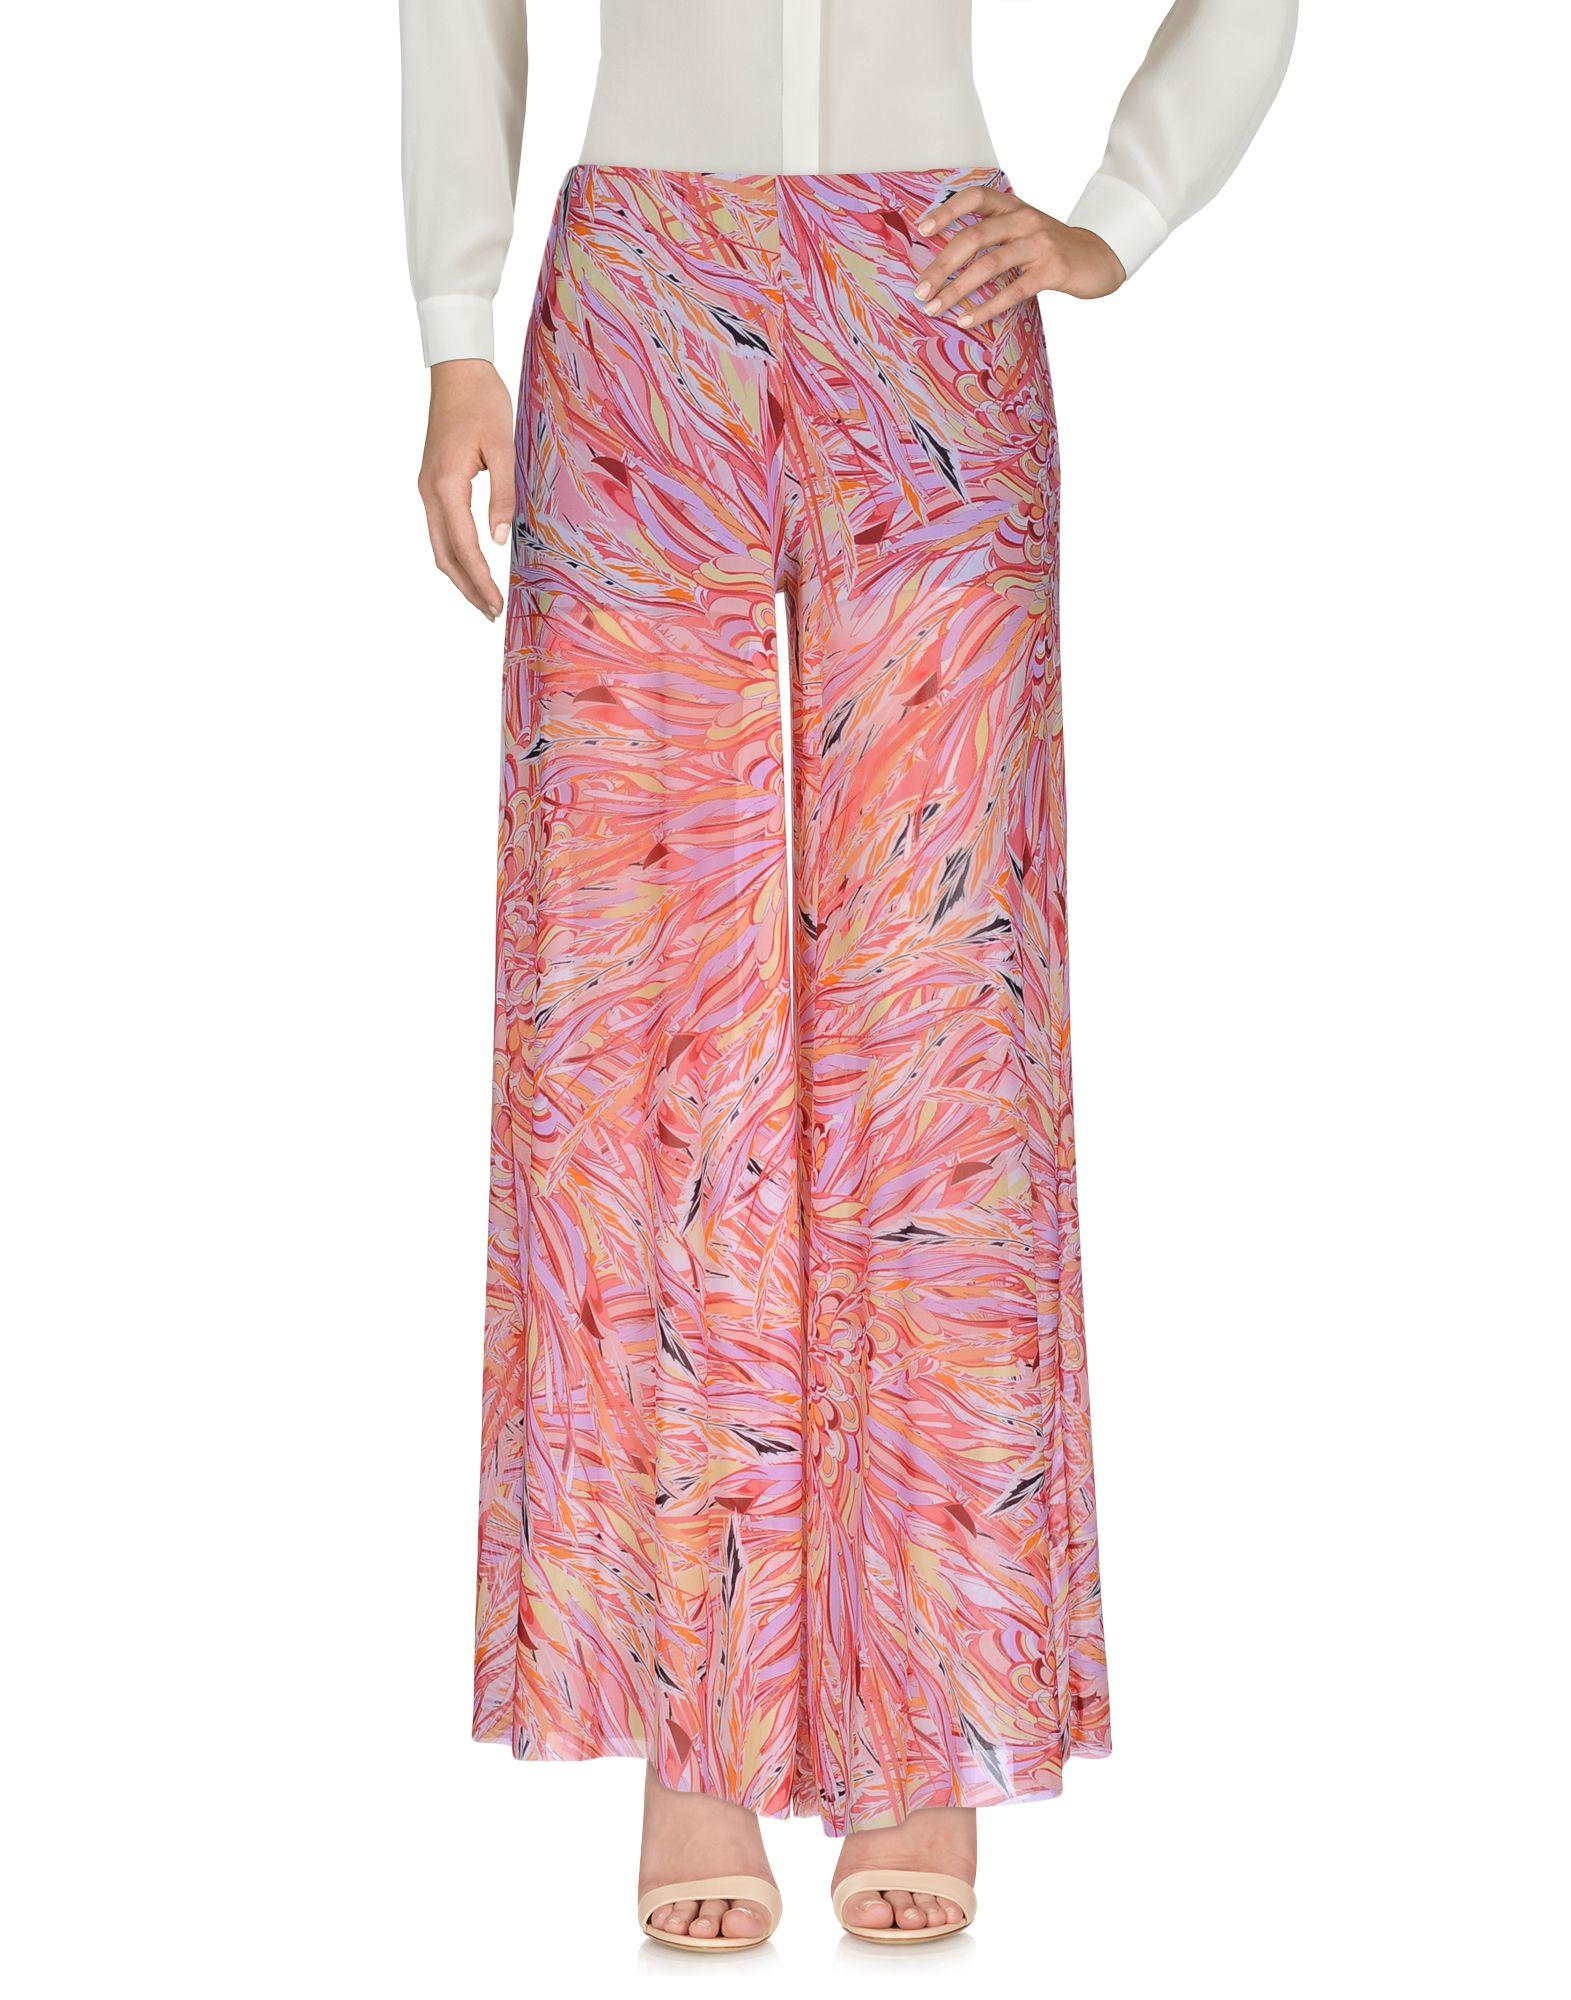 PIERRE MANTOUX Damen Hose Farbe Rot Größe 6 jetztbilligerkaufen